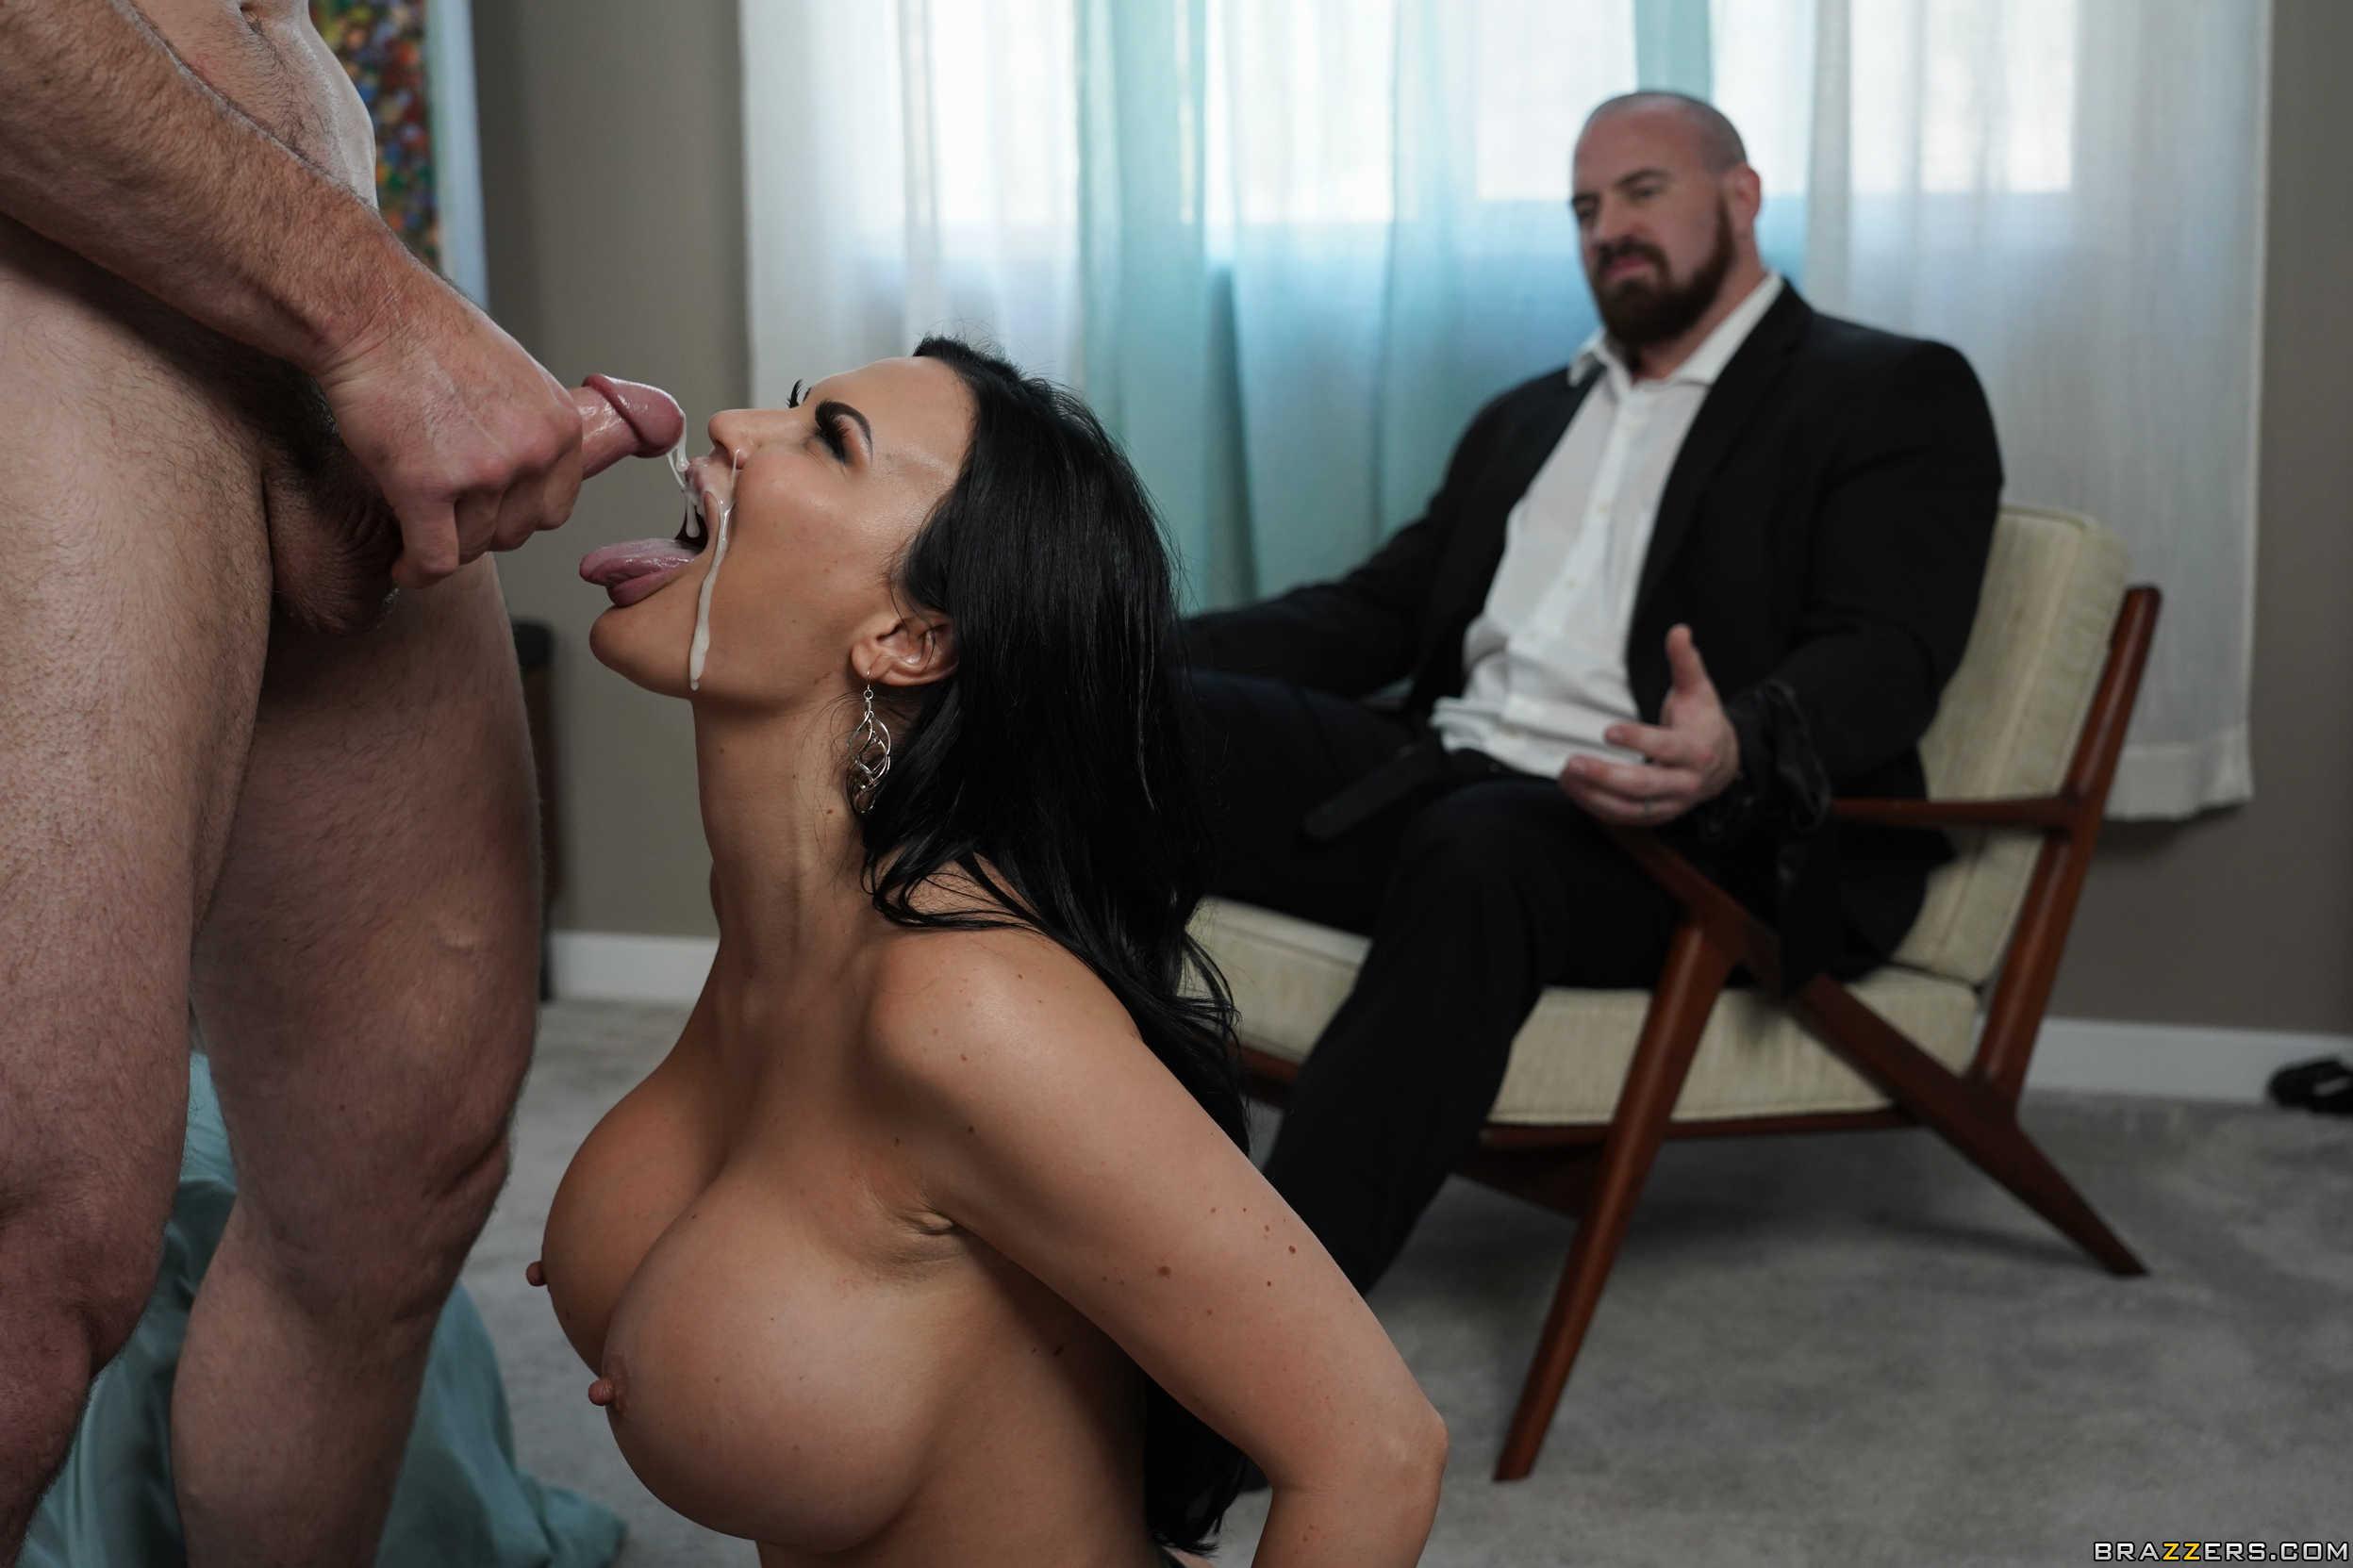 Жена изменяет мужу порно бразерс